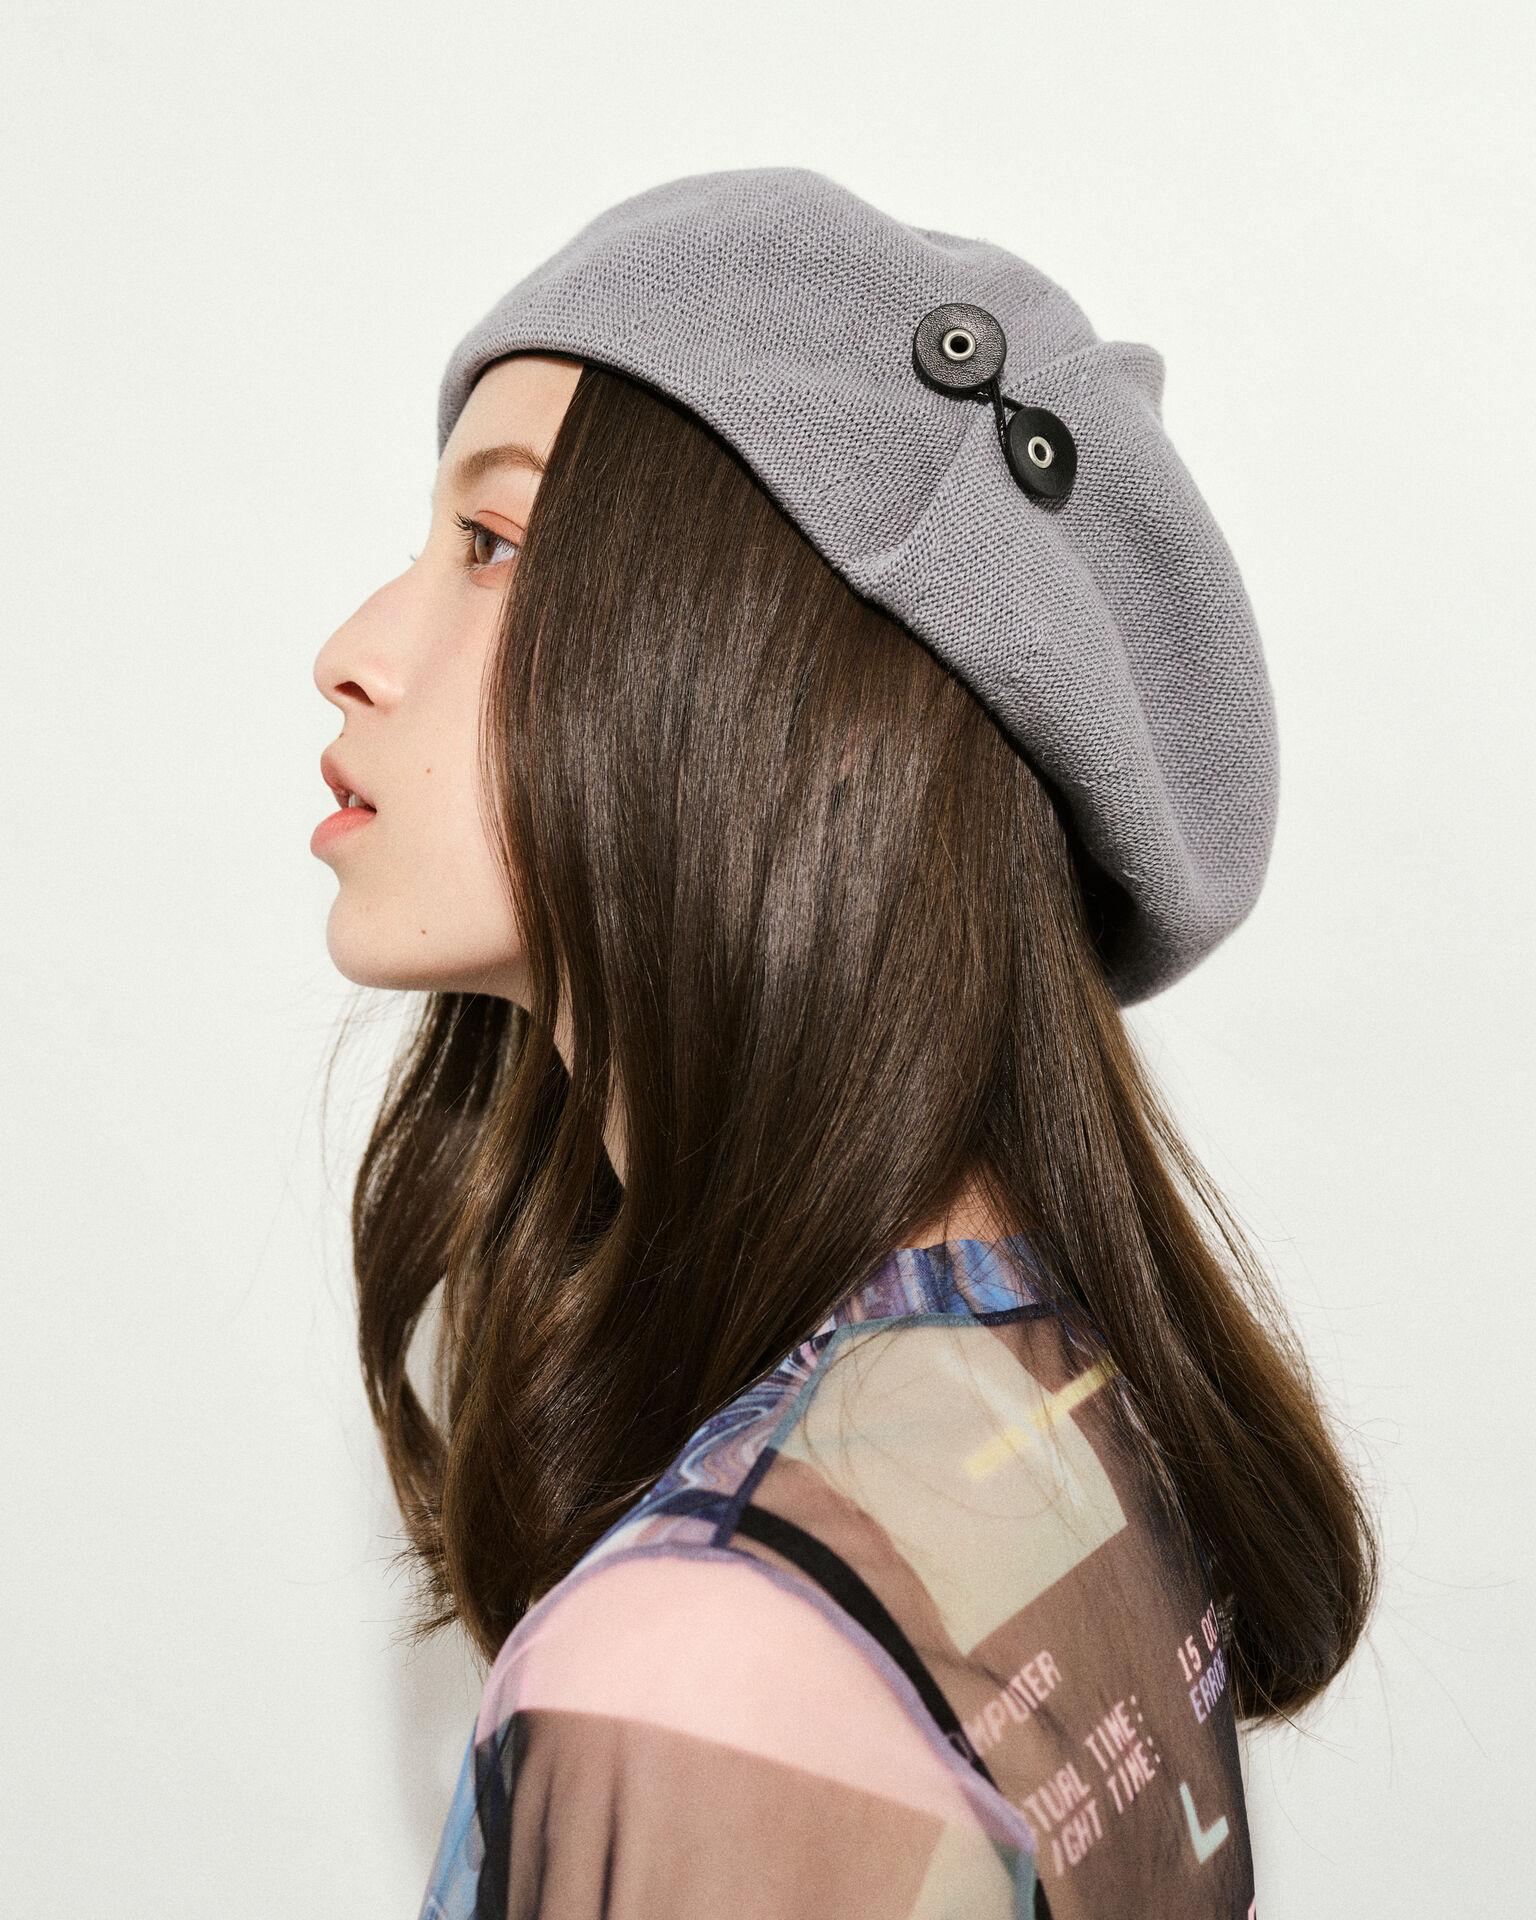 4aug hats 0832